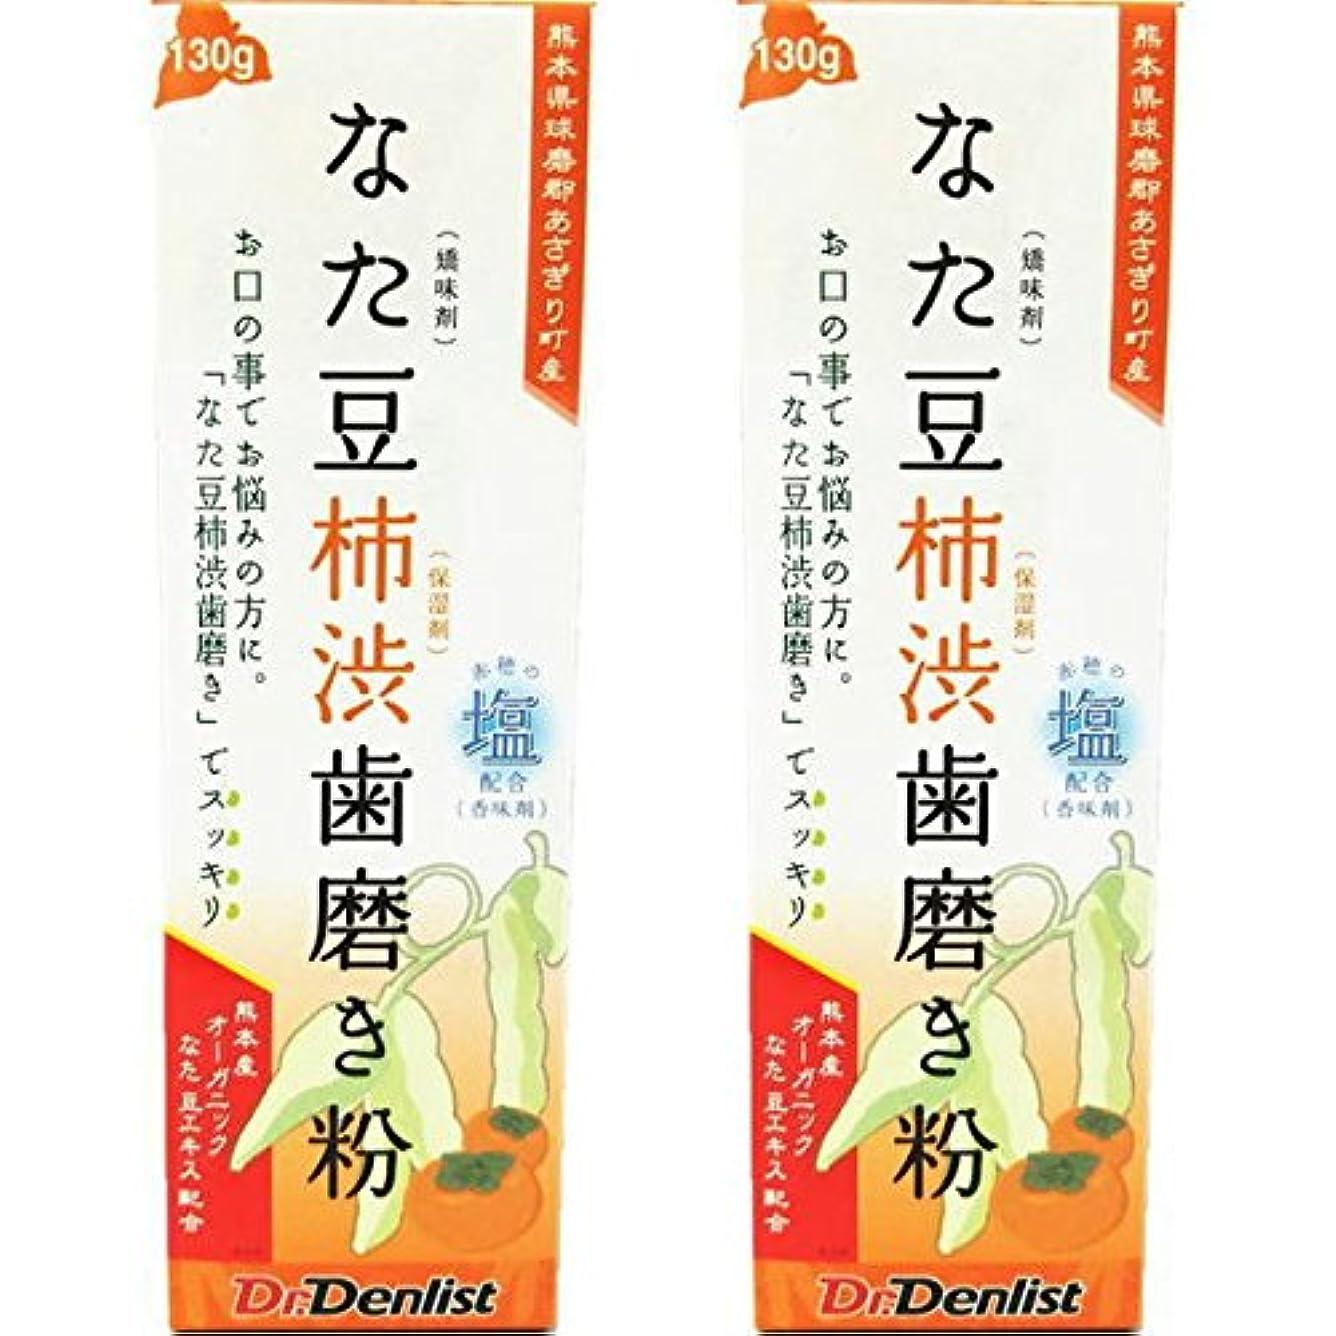 バンケット意気込み鳩なた豆柿渋歯磨き 130g 2個セット 国産 有機なた豆使用 赤穂の塩配合(香味剤)